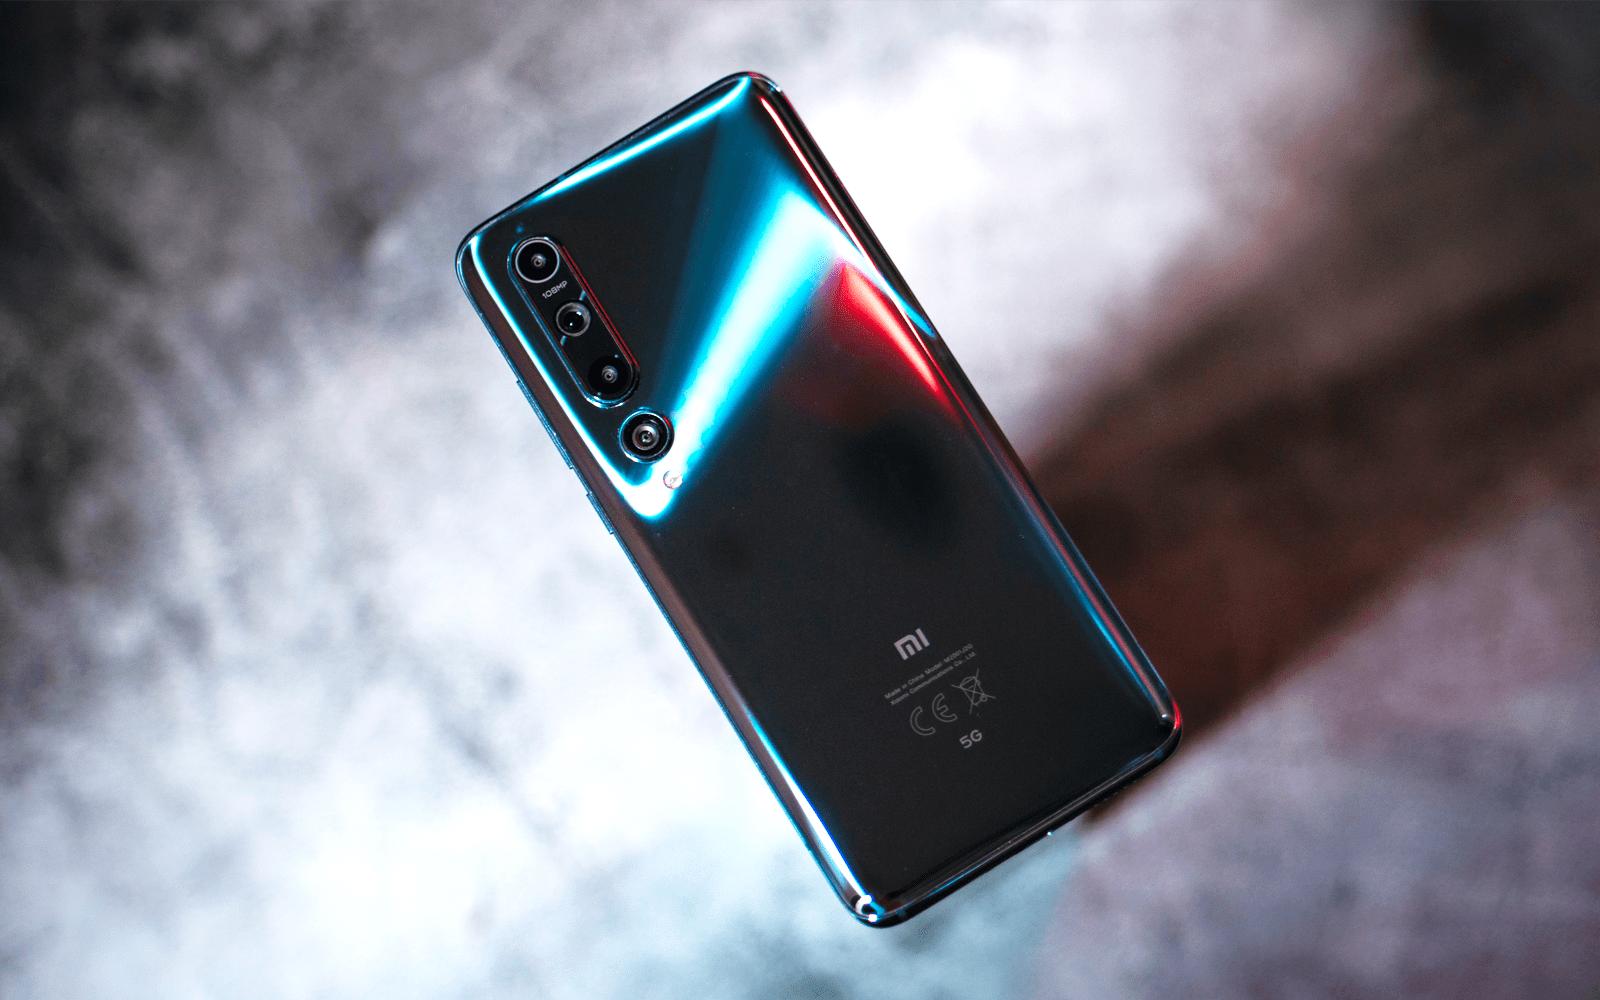 Nová řada Xiaomi Mi 11 přijde možná dříve, než čekáme